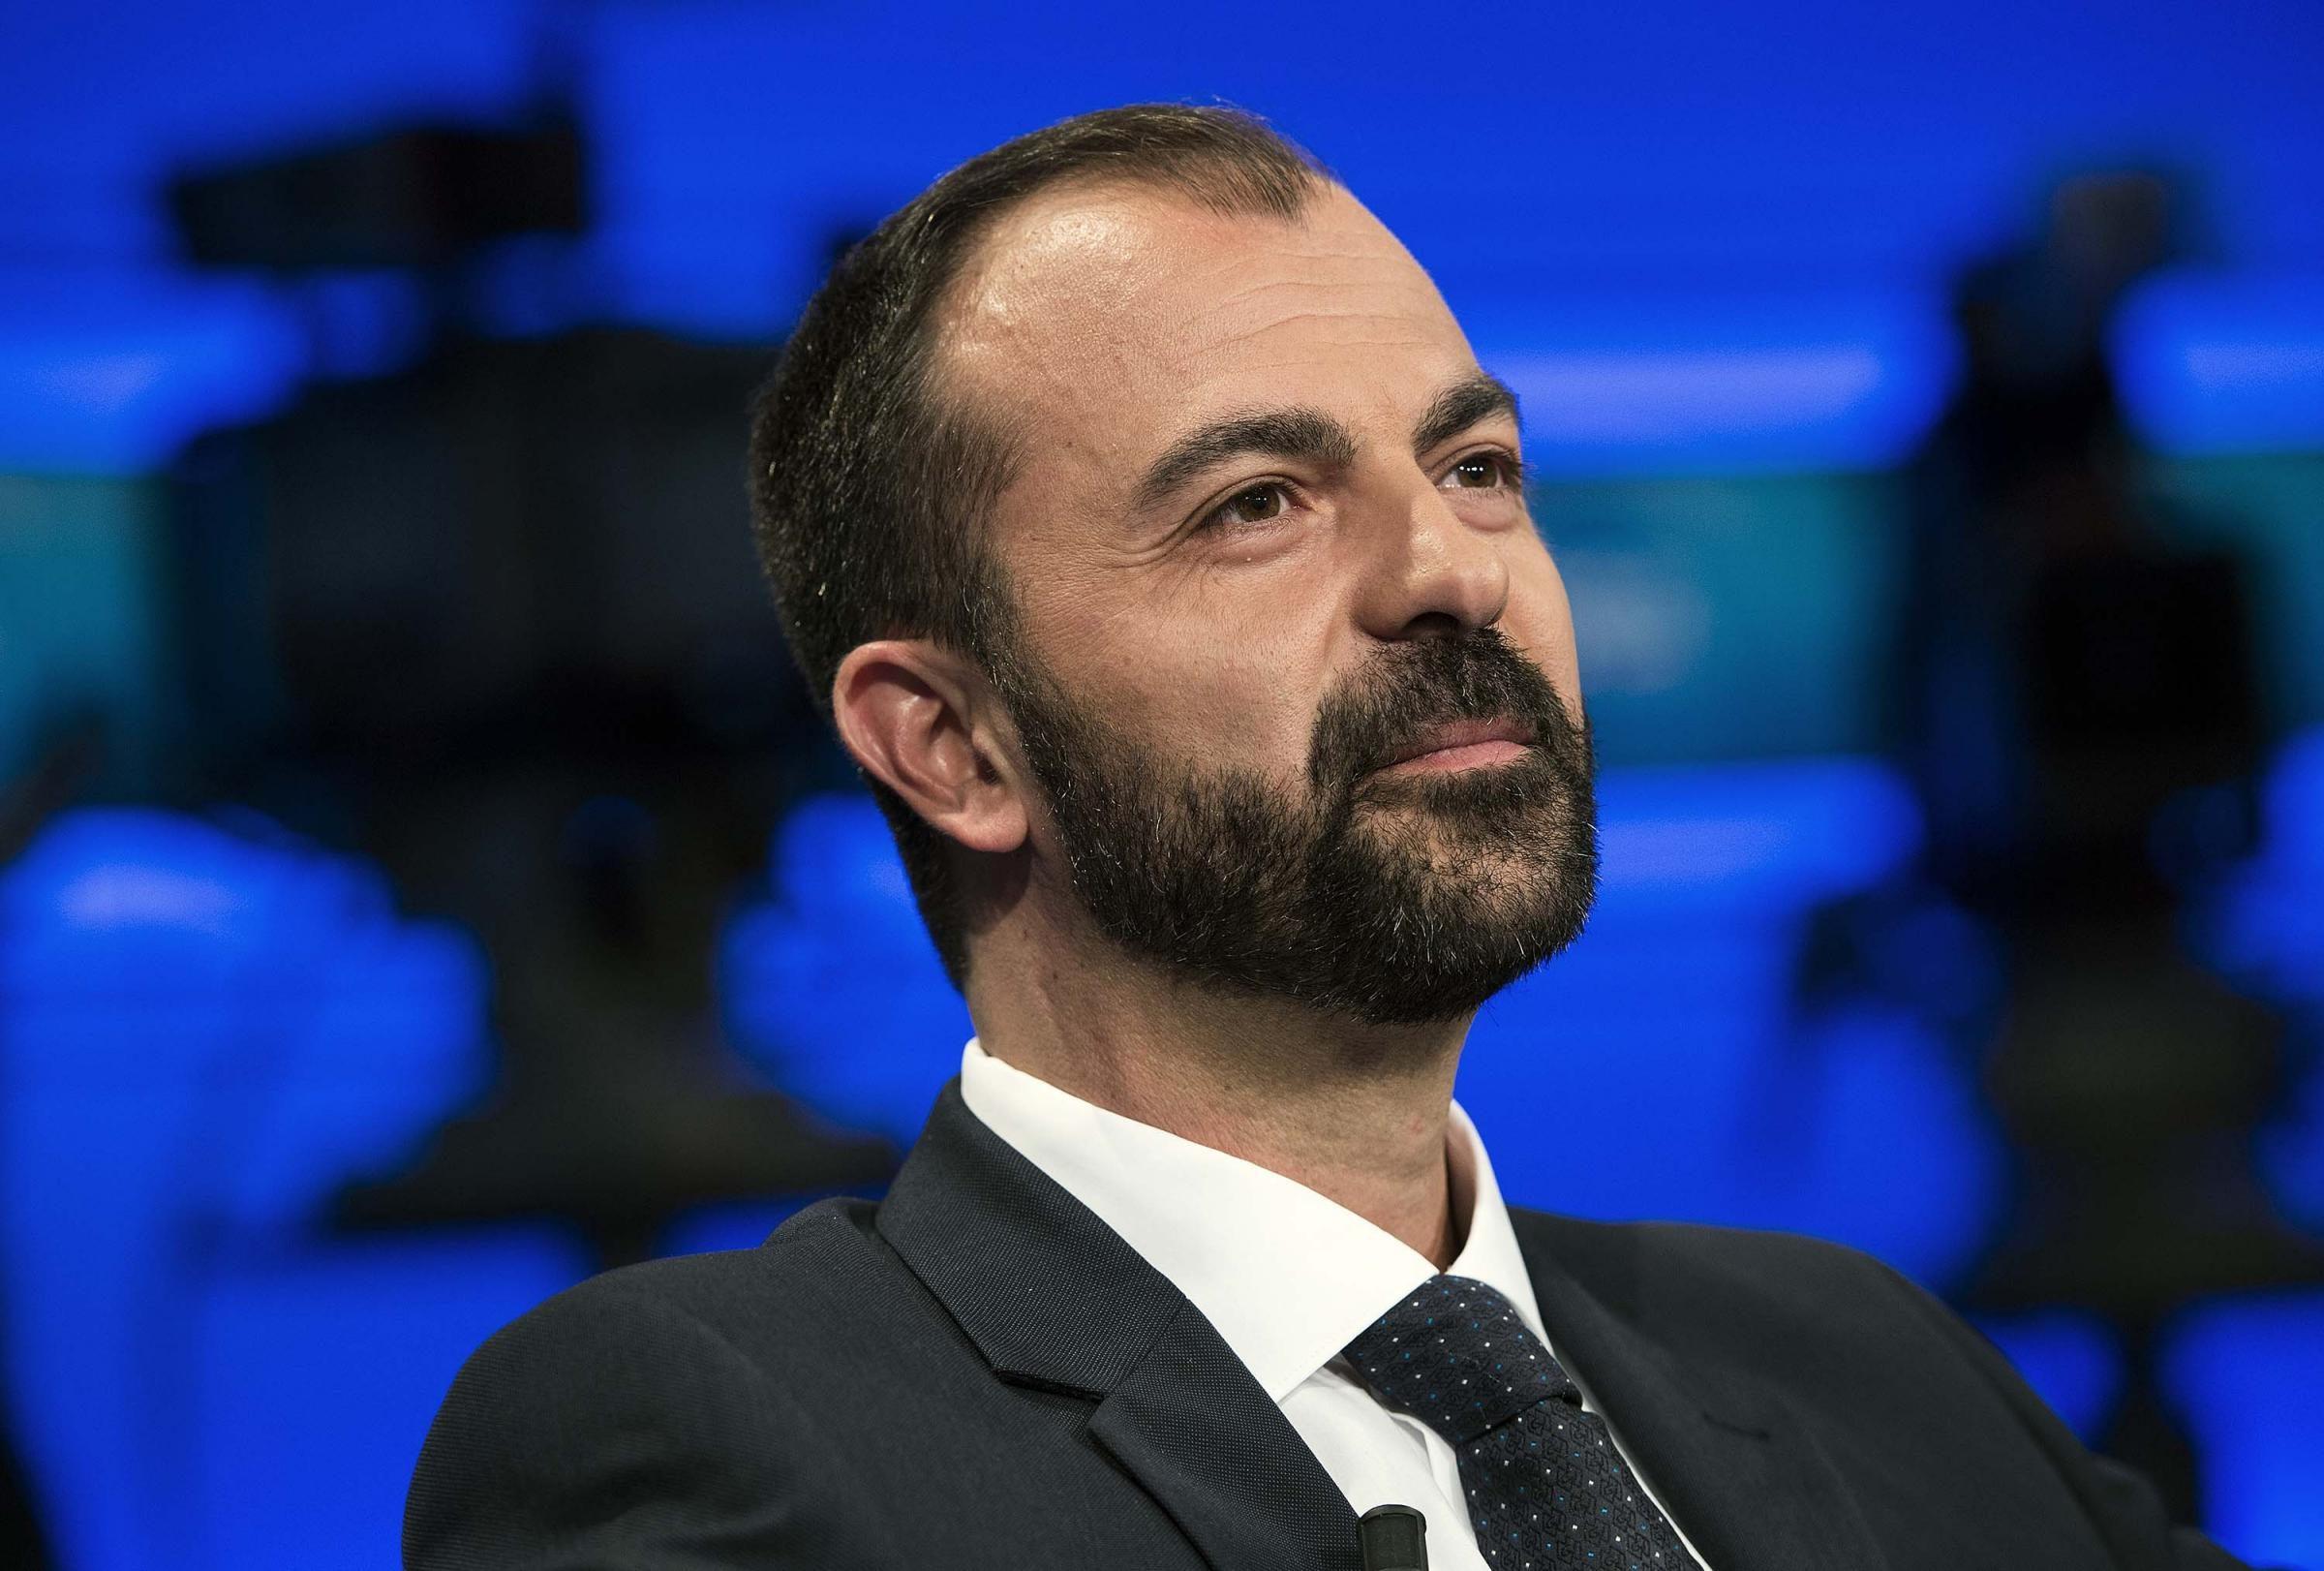 Scuola: Sondaggio futuro Ministro, il 28% vorrebbe il ritorno di Fioramonti